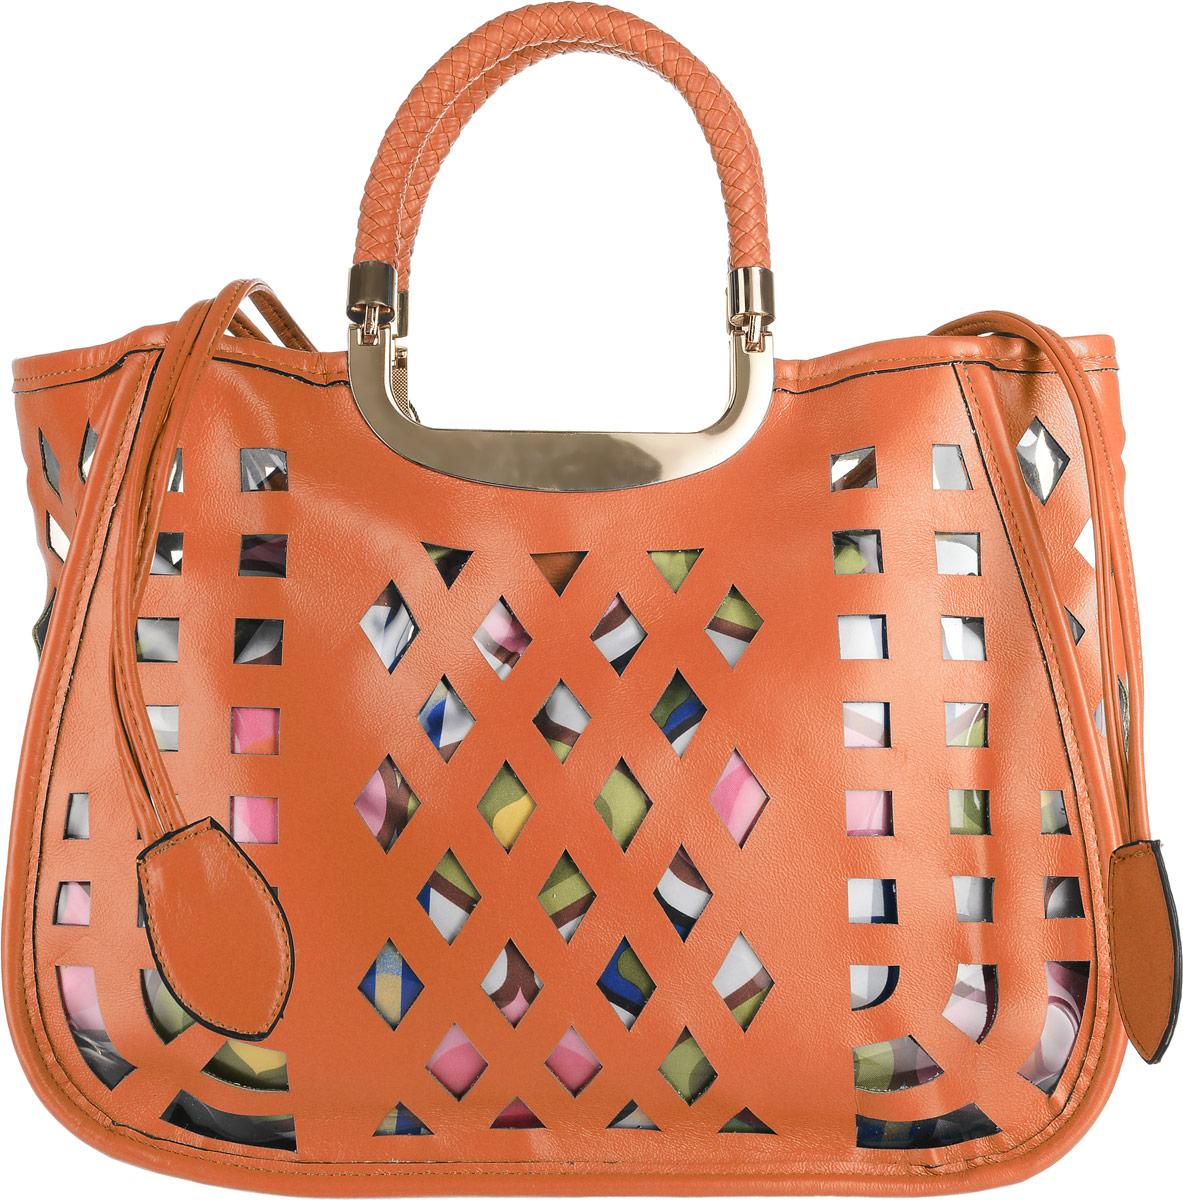 Сумка женская Renee Kler, цвет: оранжевый, мультиколор. RK-08612EQW-M710DB-1A1Сумка Renee Kler выполнена из экокожи снаружи и текстиля внутри. Изделие имеет одно вместительное отделение. Снаружи сумка выполнена в классическом ее виде, с прорезными декоративными отверстиями защищенными с обратной стороны прозрачной плотной плёнкой, а внутри находится текстильный яркий мешок на затягивающихся шнурках из экокожи, который видно через эти прорезные отверстия. Внутри главного отделения - два открытых накладных кармана для мелочей и вшитый карман на застежке-молнии. Сумка оснащена двумя ручками с металлическим основанием и упакована в удобный чехол.